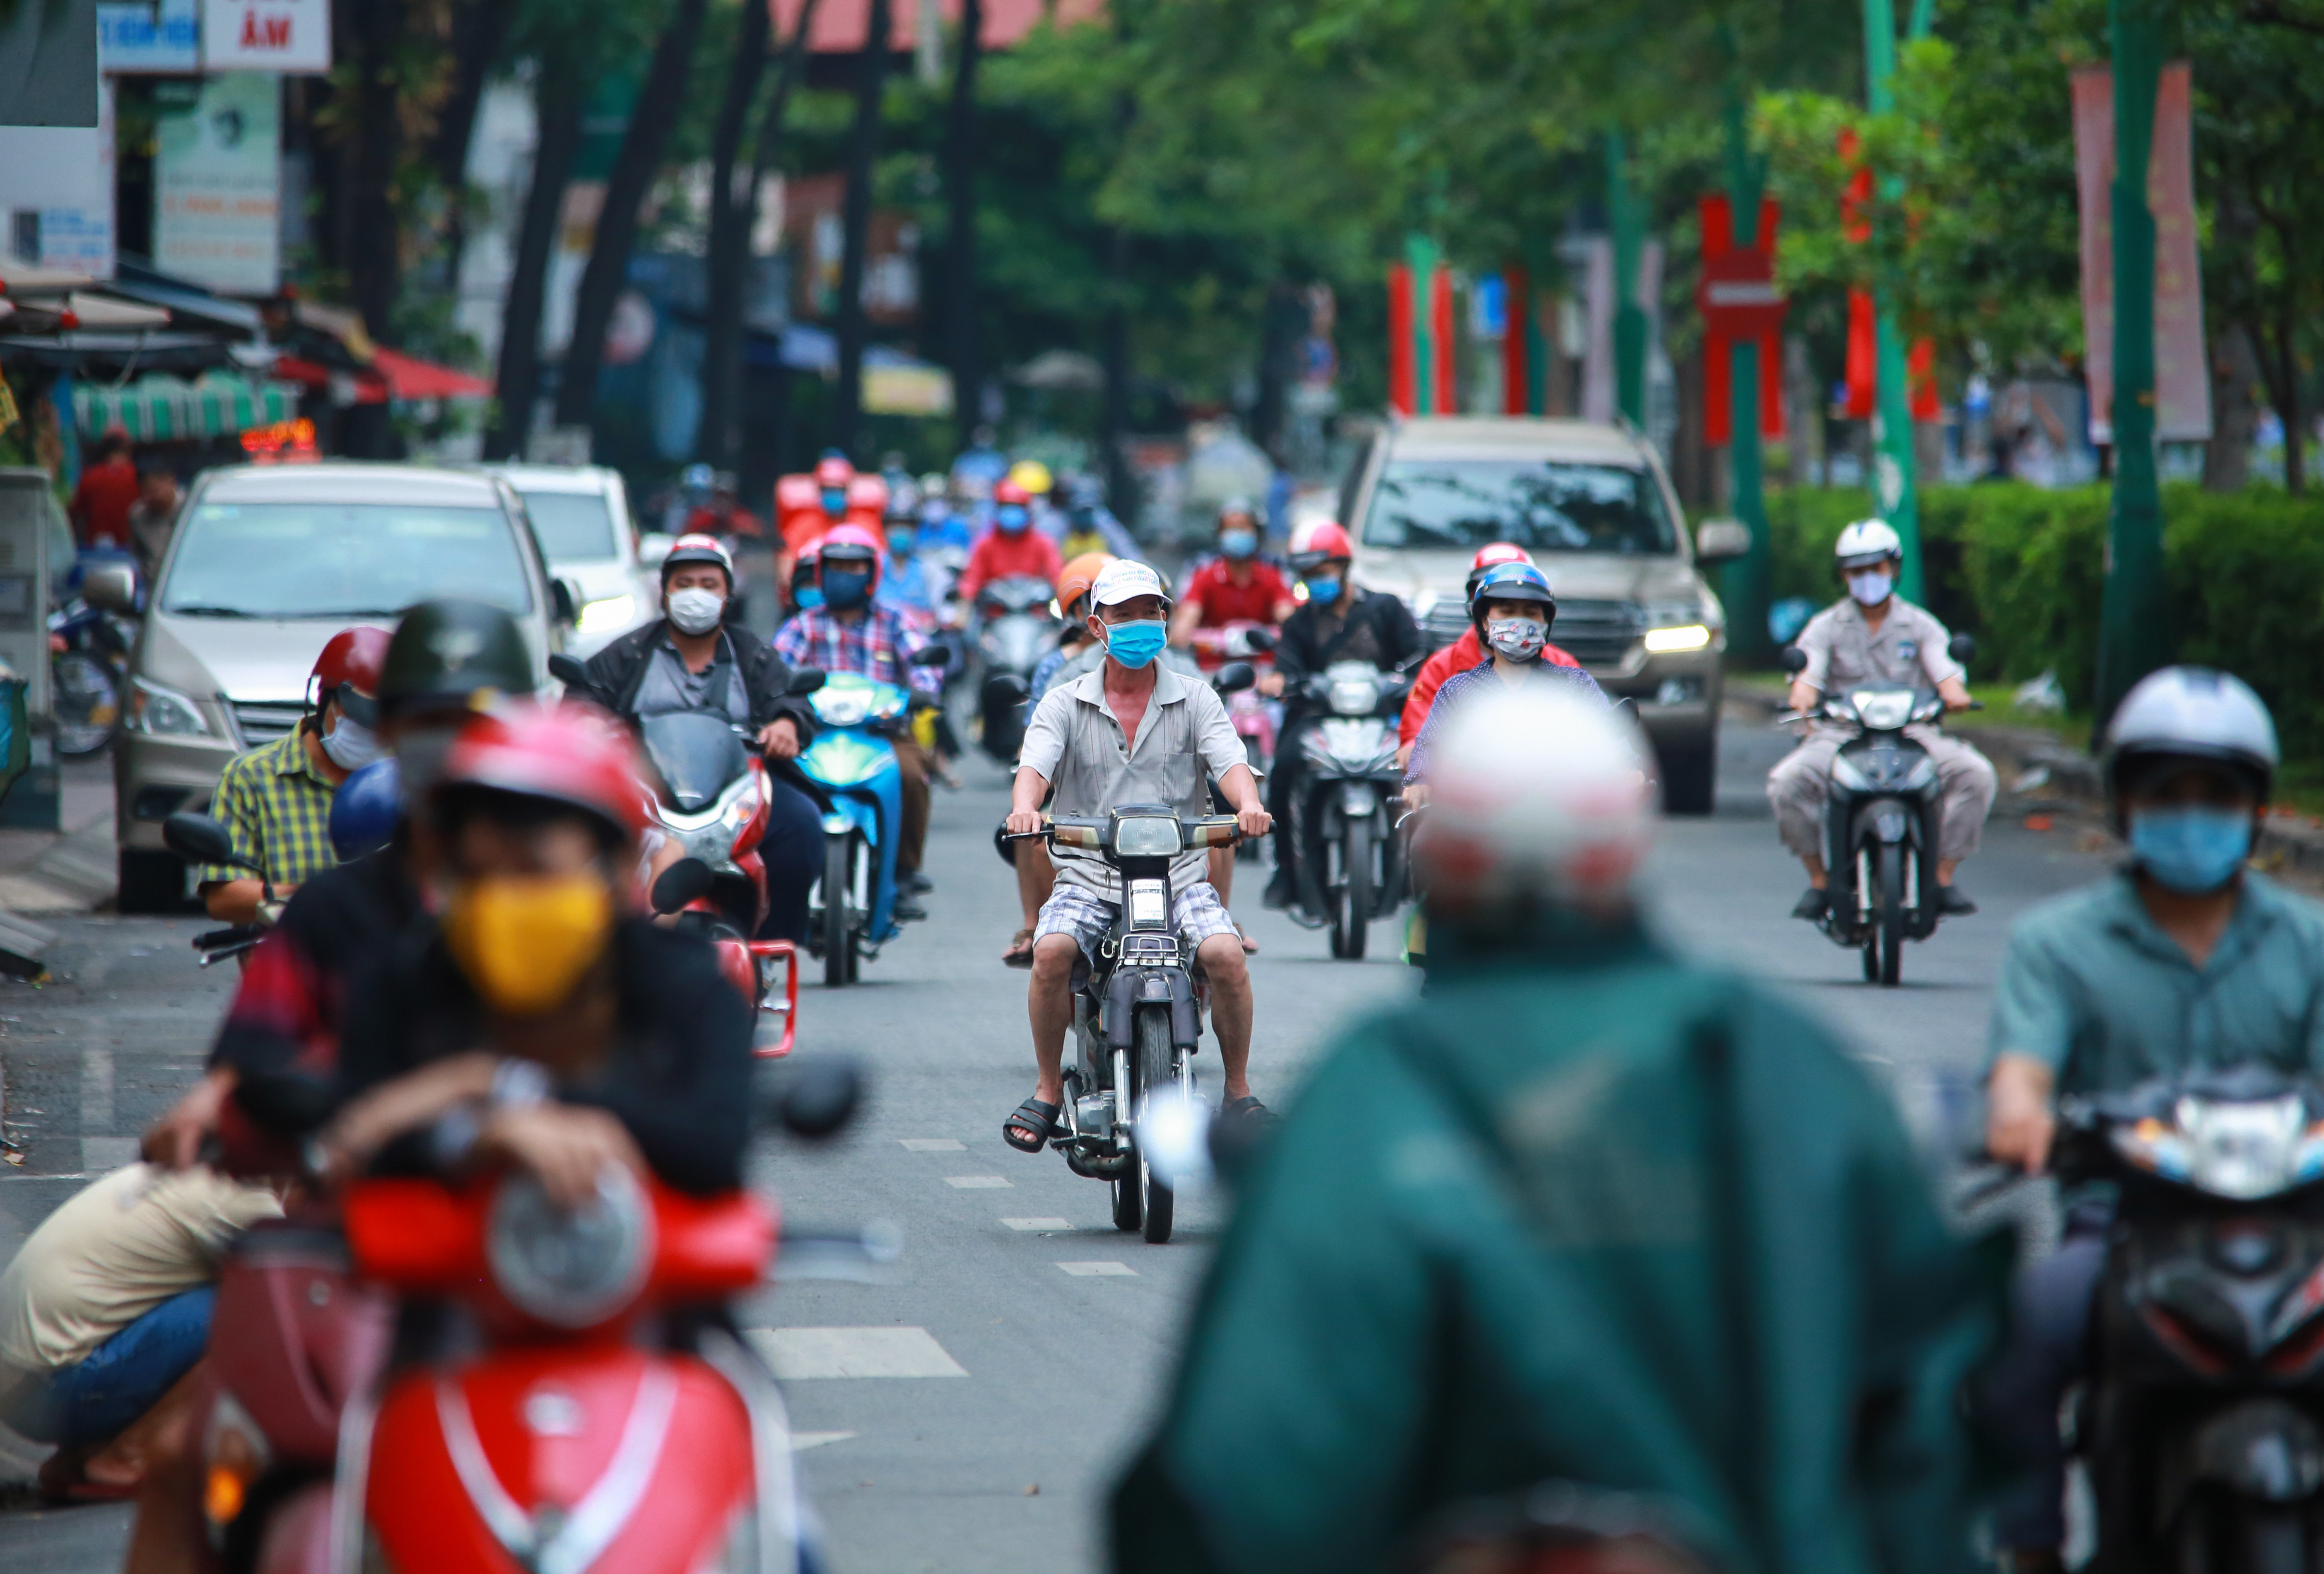 Sài Gòn đông đúc khi sắp kết thúc đợt cách ly toàn xã hội 14 ngày - Ảnh 3.